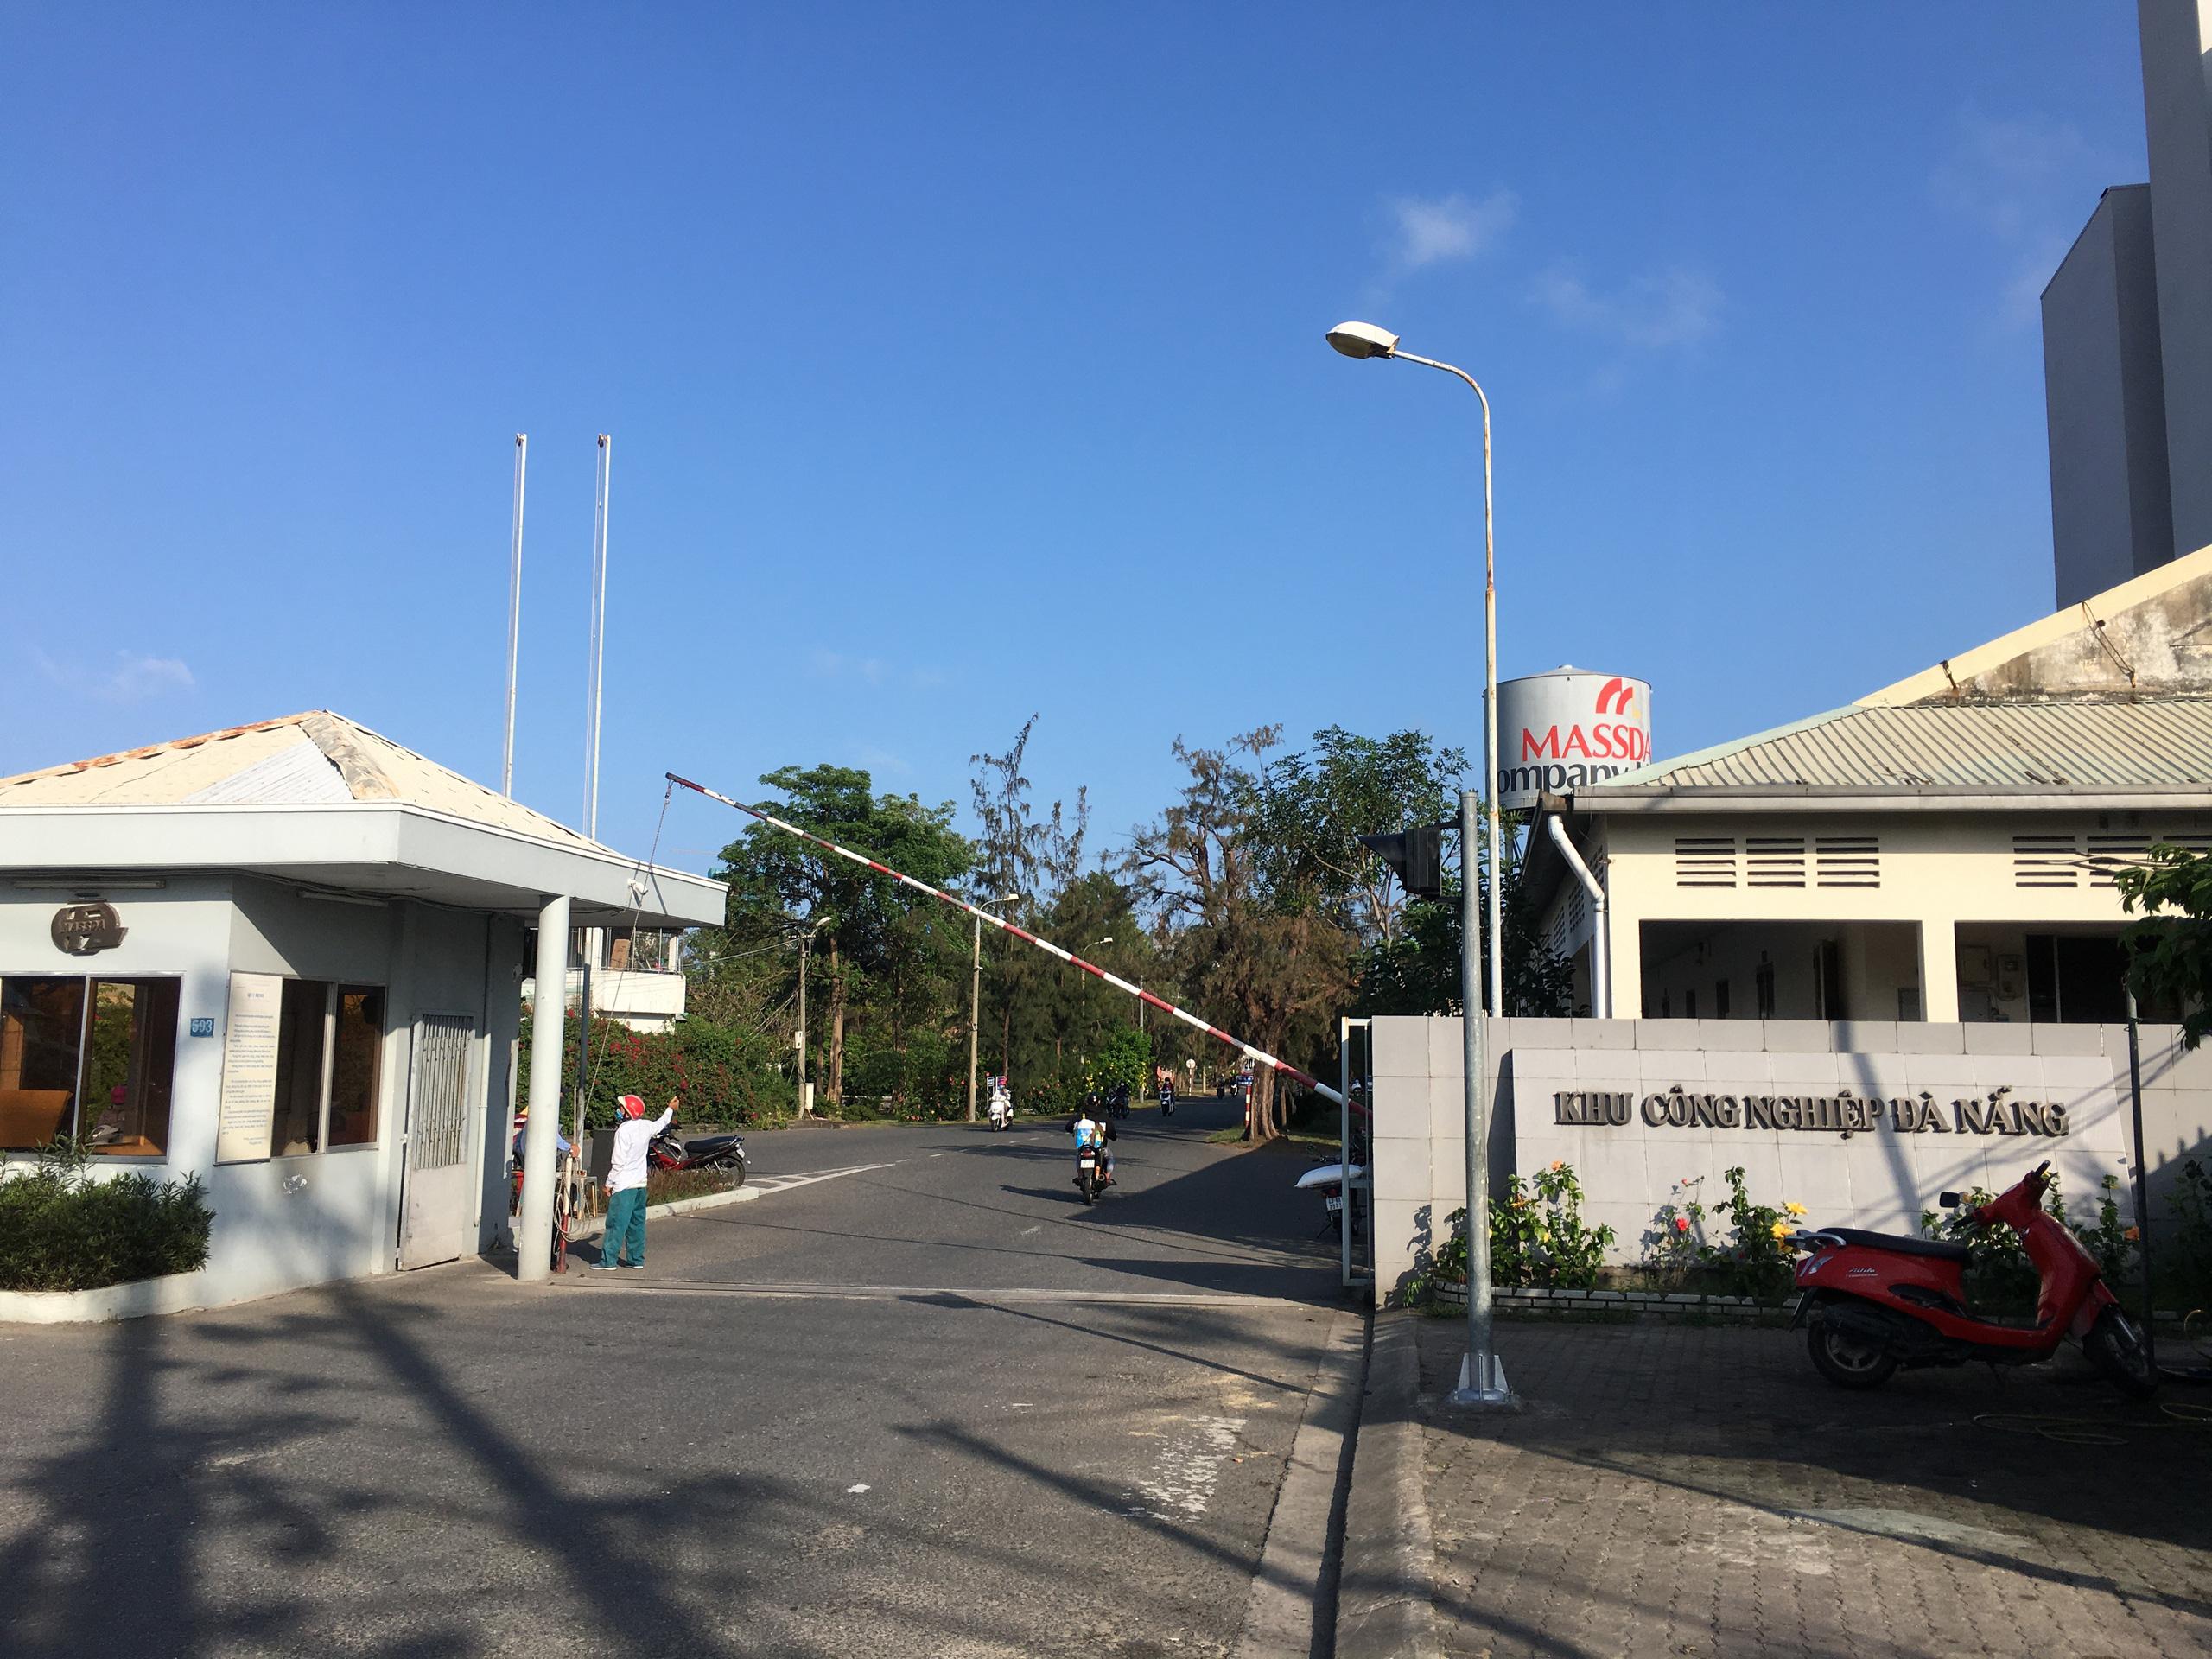 Khu đất tại KCN Đà Nẵng mà FPT sẽ chuyển mục đích sử dụng đất, xây dựng chung cư cao cấp có vị trí gần Vincom, gần biển Mỹ Khê - Ảnh 12.